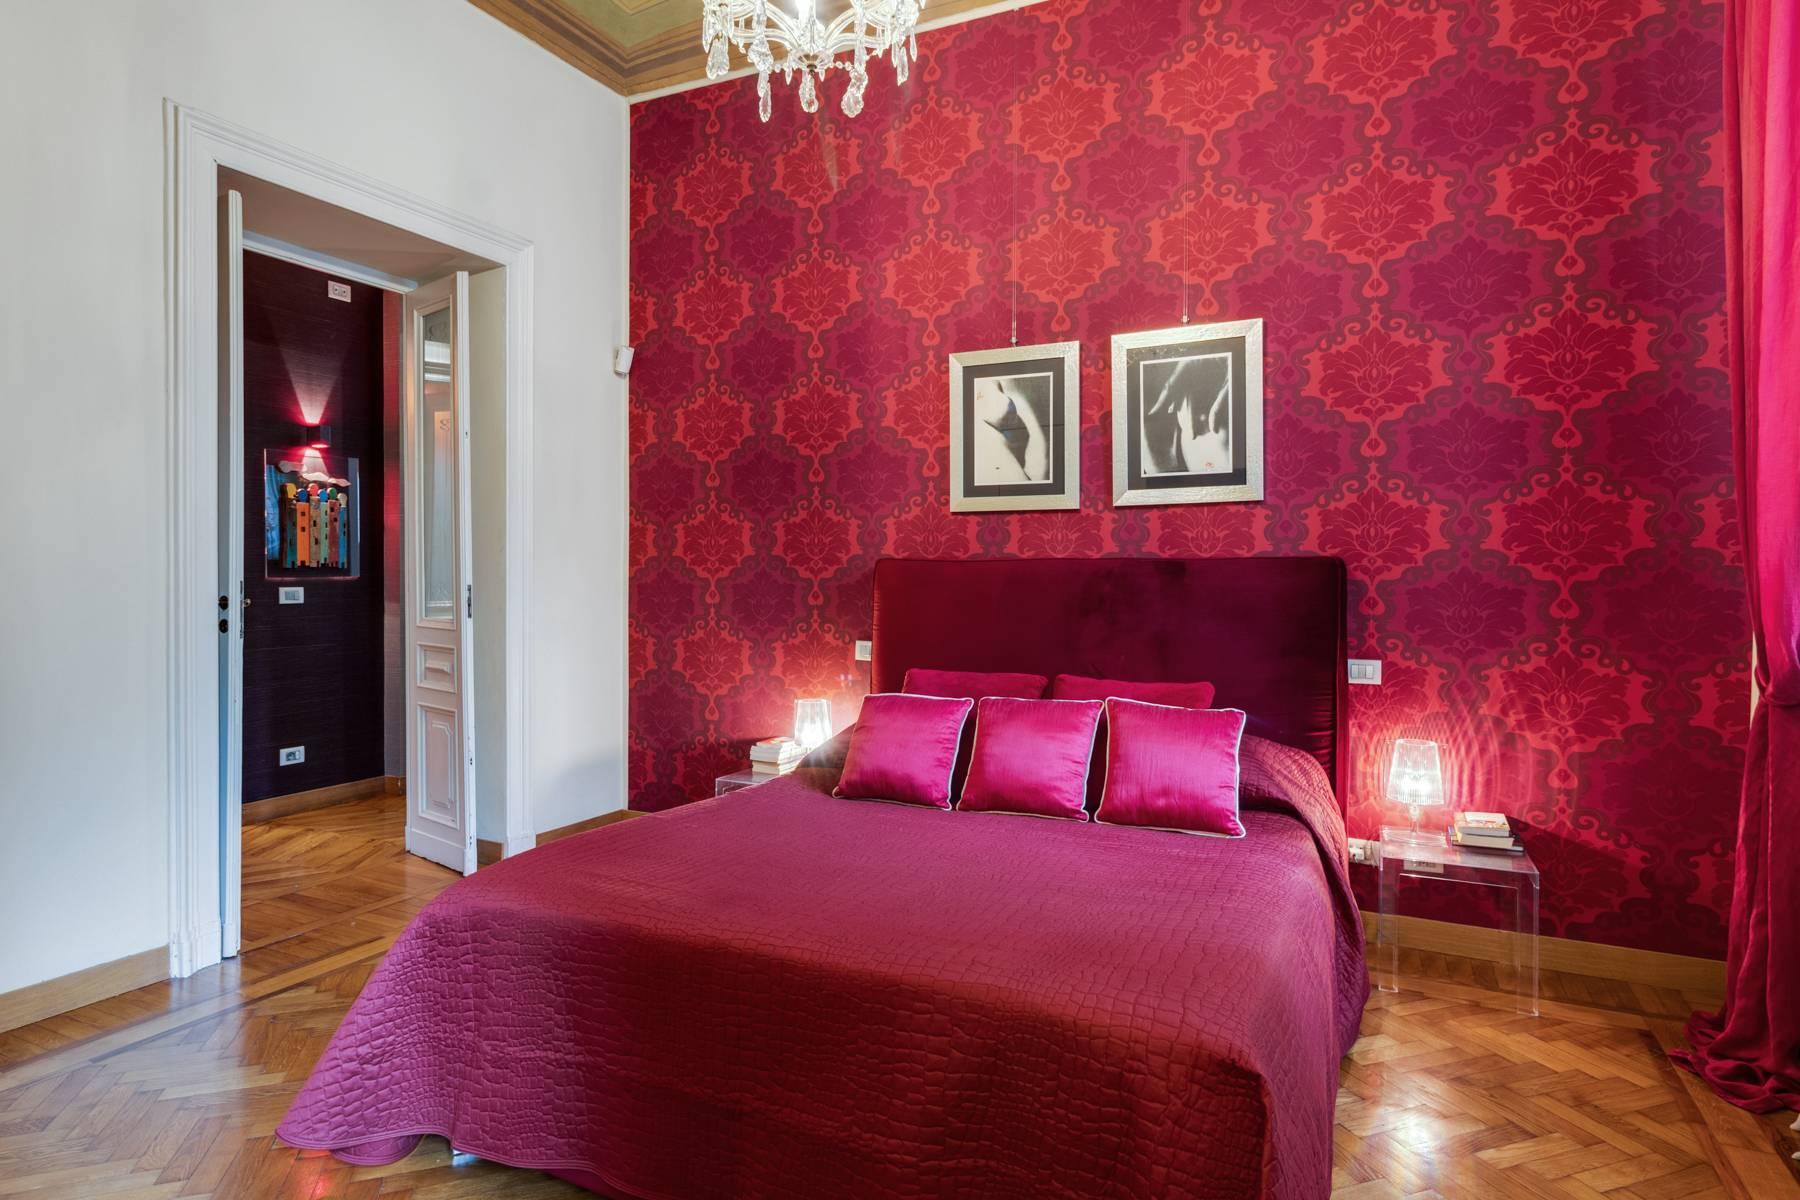 Appartamento in Vendita a Torino: 4 locali, 118 mq - Foto 12